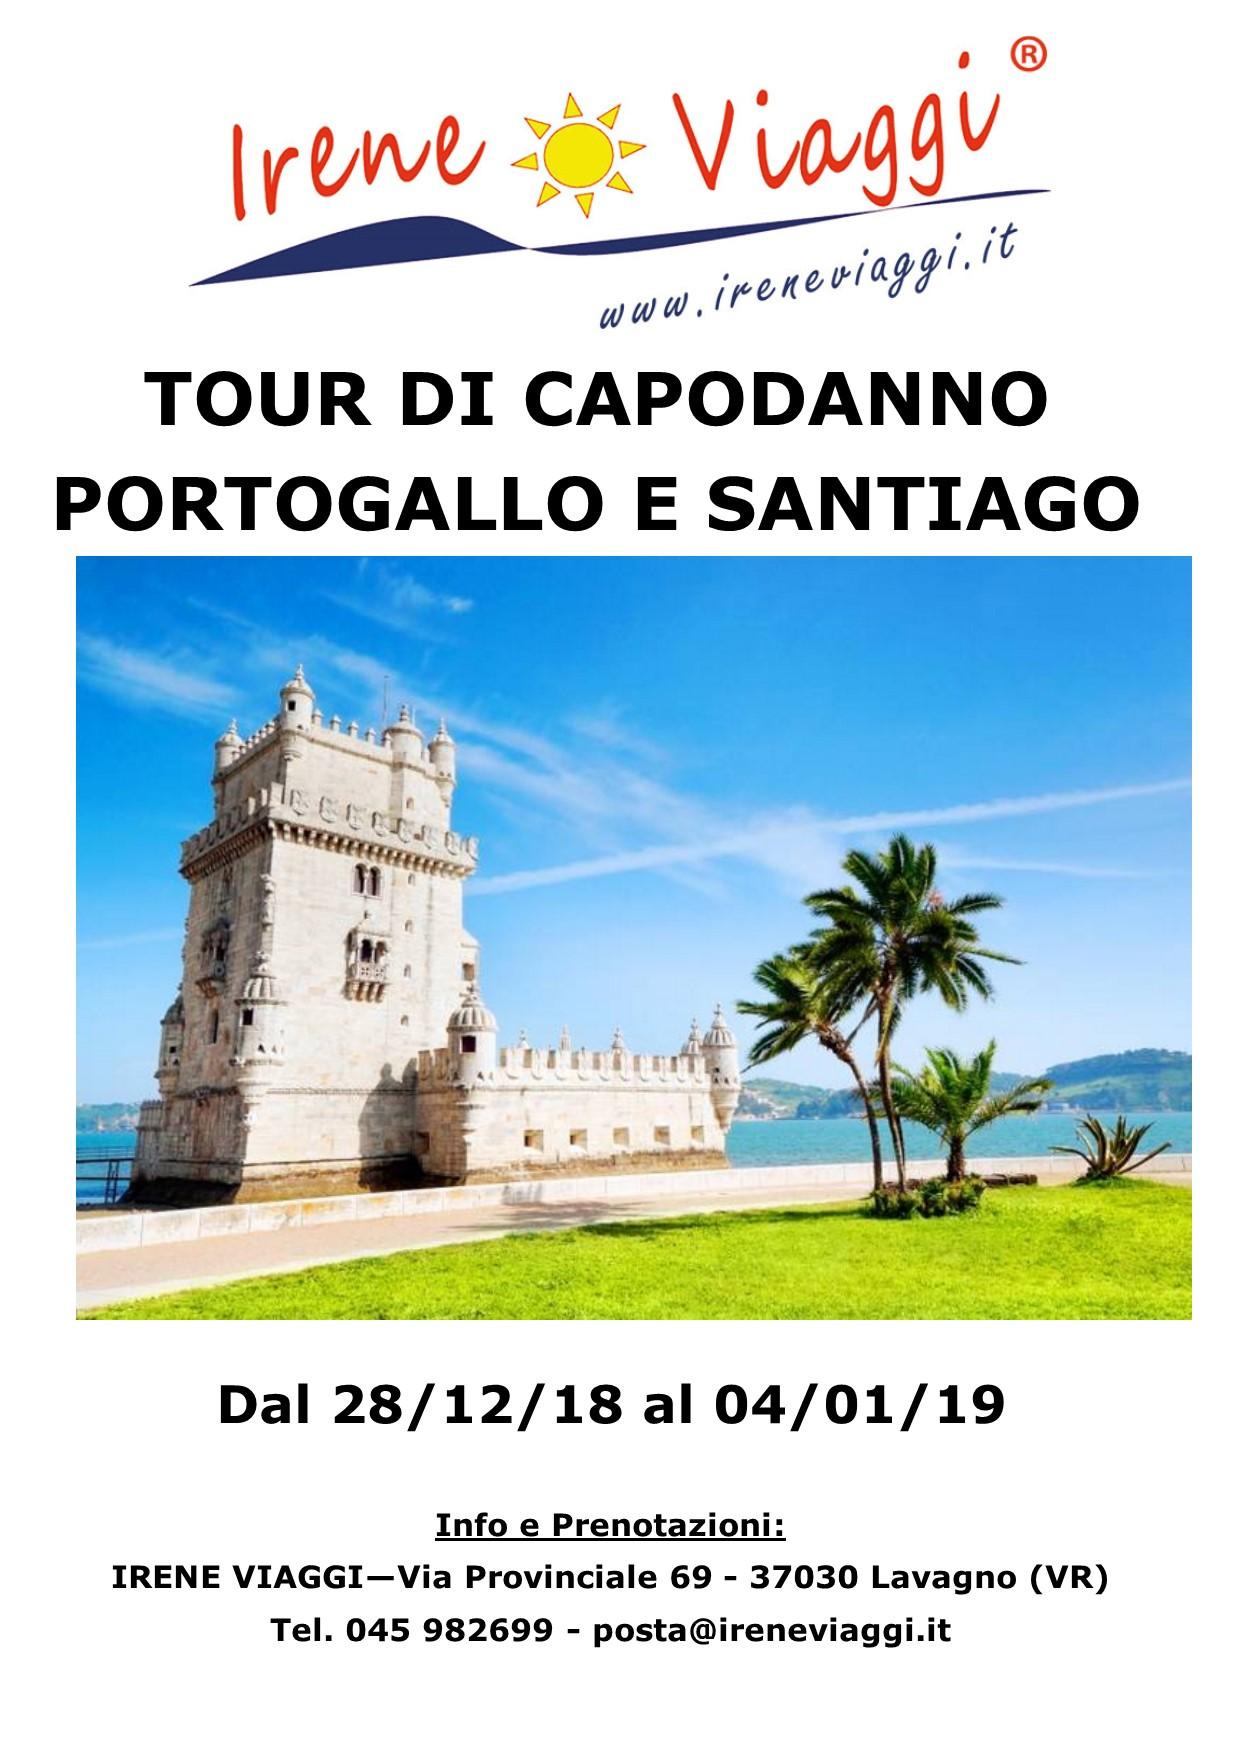 Capodanno in Portogallo